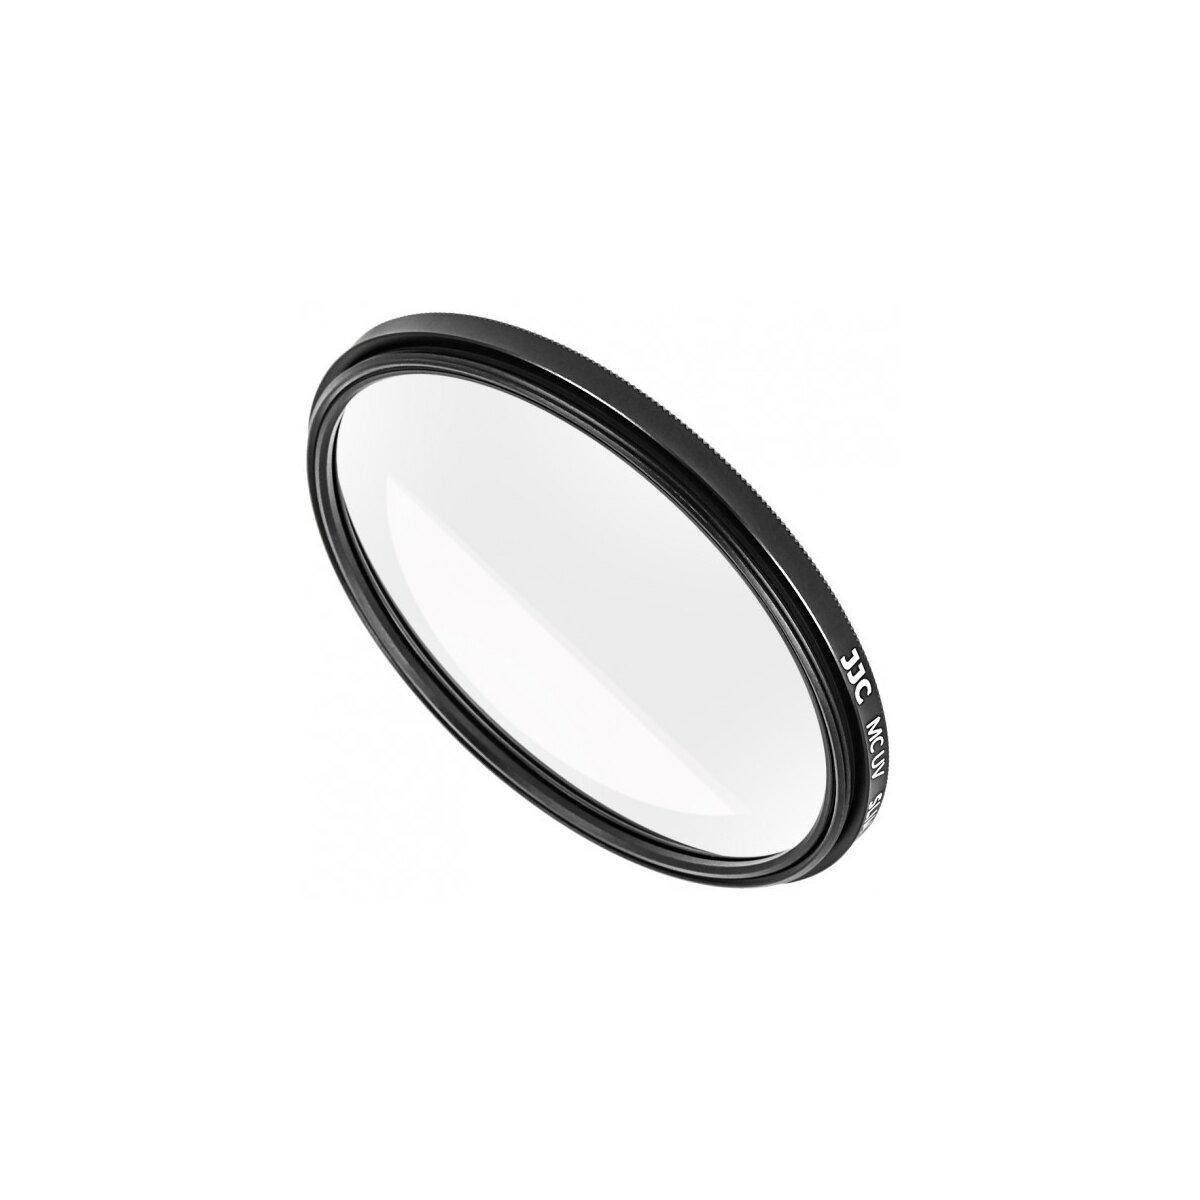 Ultra Flacher UV-Filter Schutzfilter fuer Objektive mit 62 mm Filtergewinde - reduziert stoerenden Dunst und schuetzt ihr wertvolles Objektiv